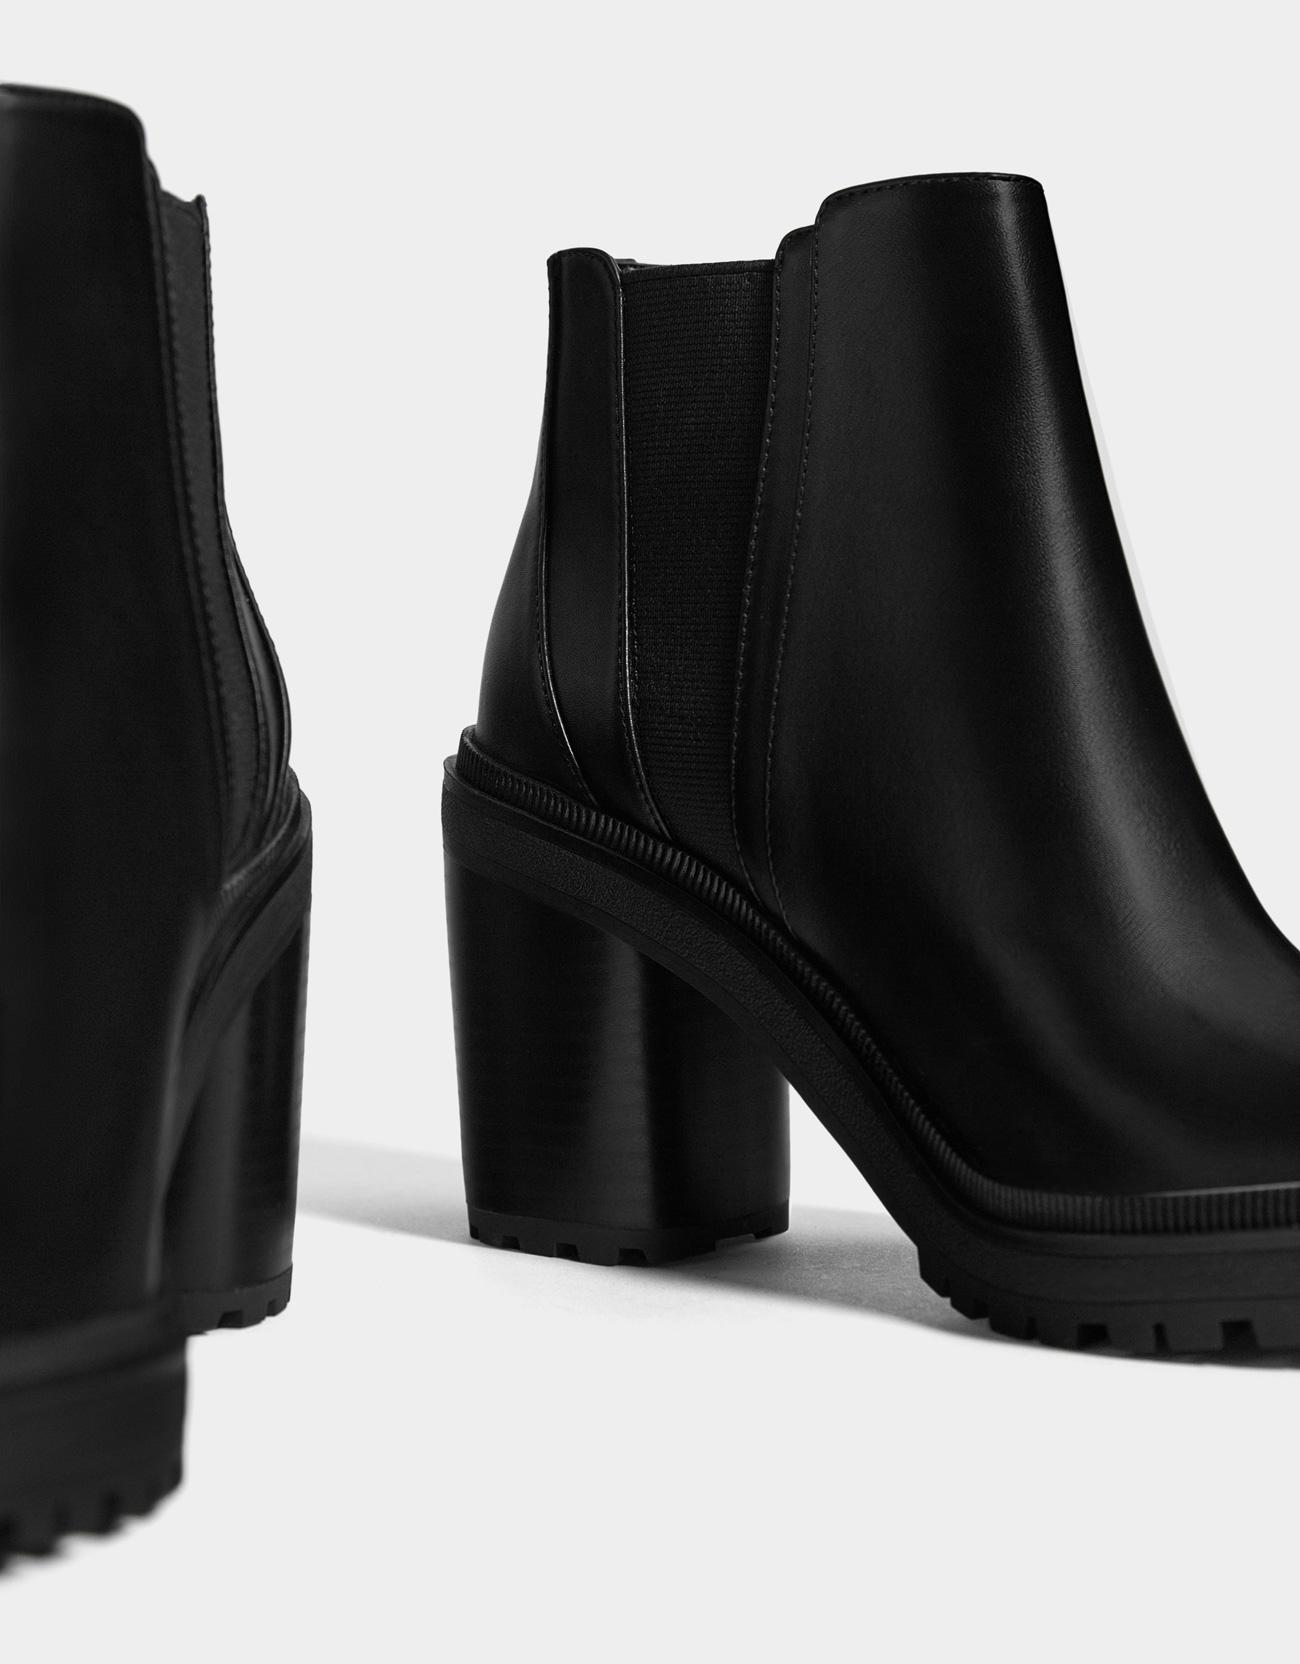 c6adb0108cd0 Členková obuv na platforme s gumami - Čižmy a členková obuv ...